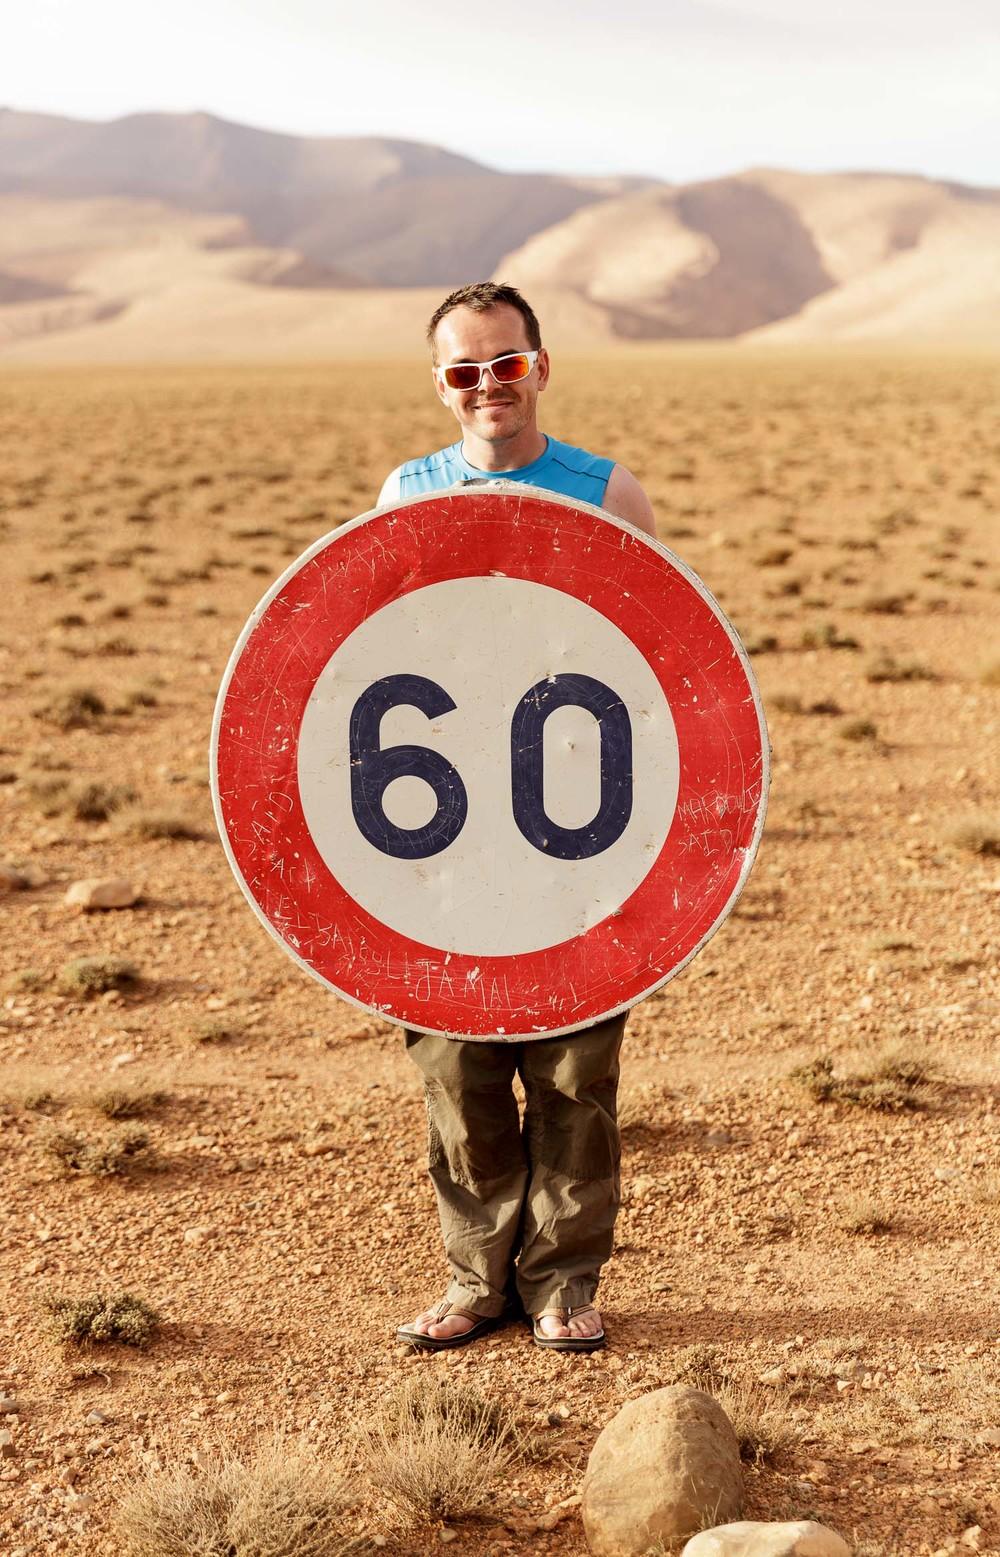 Prometni znak s sodobnim načinom opozarjanja voznikov.